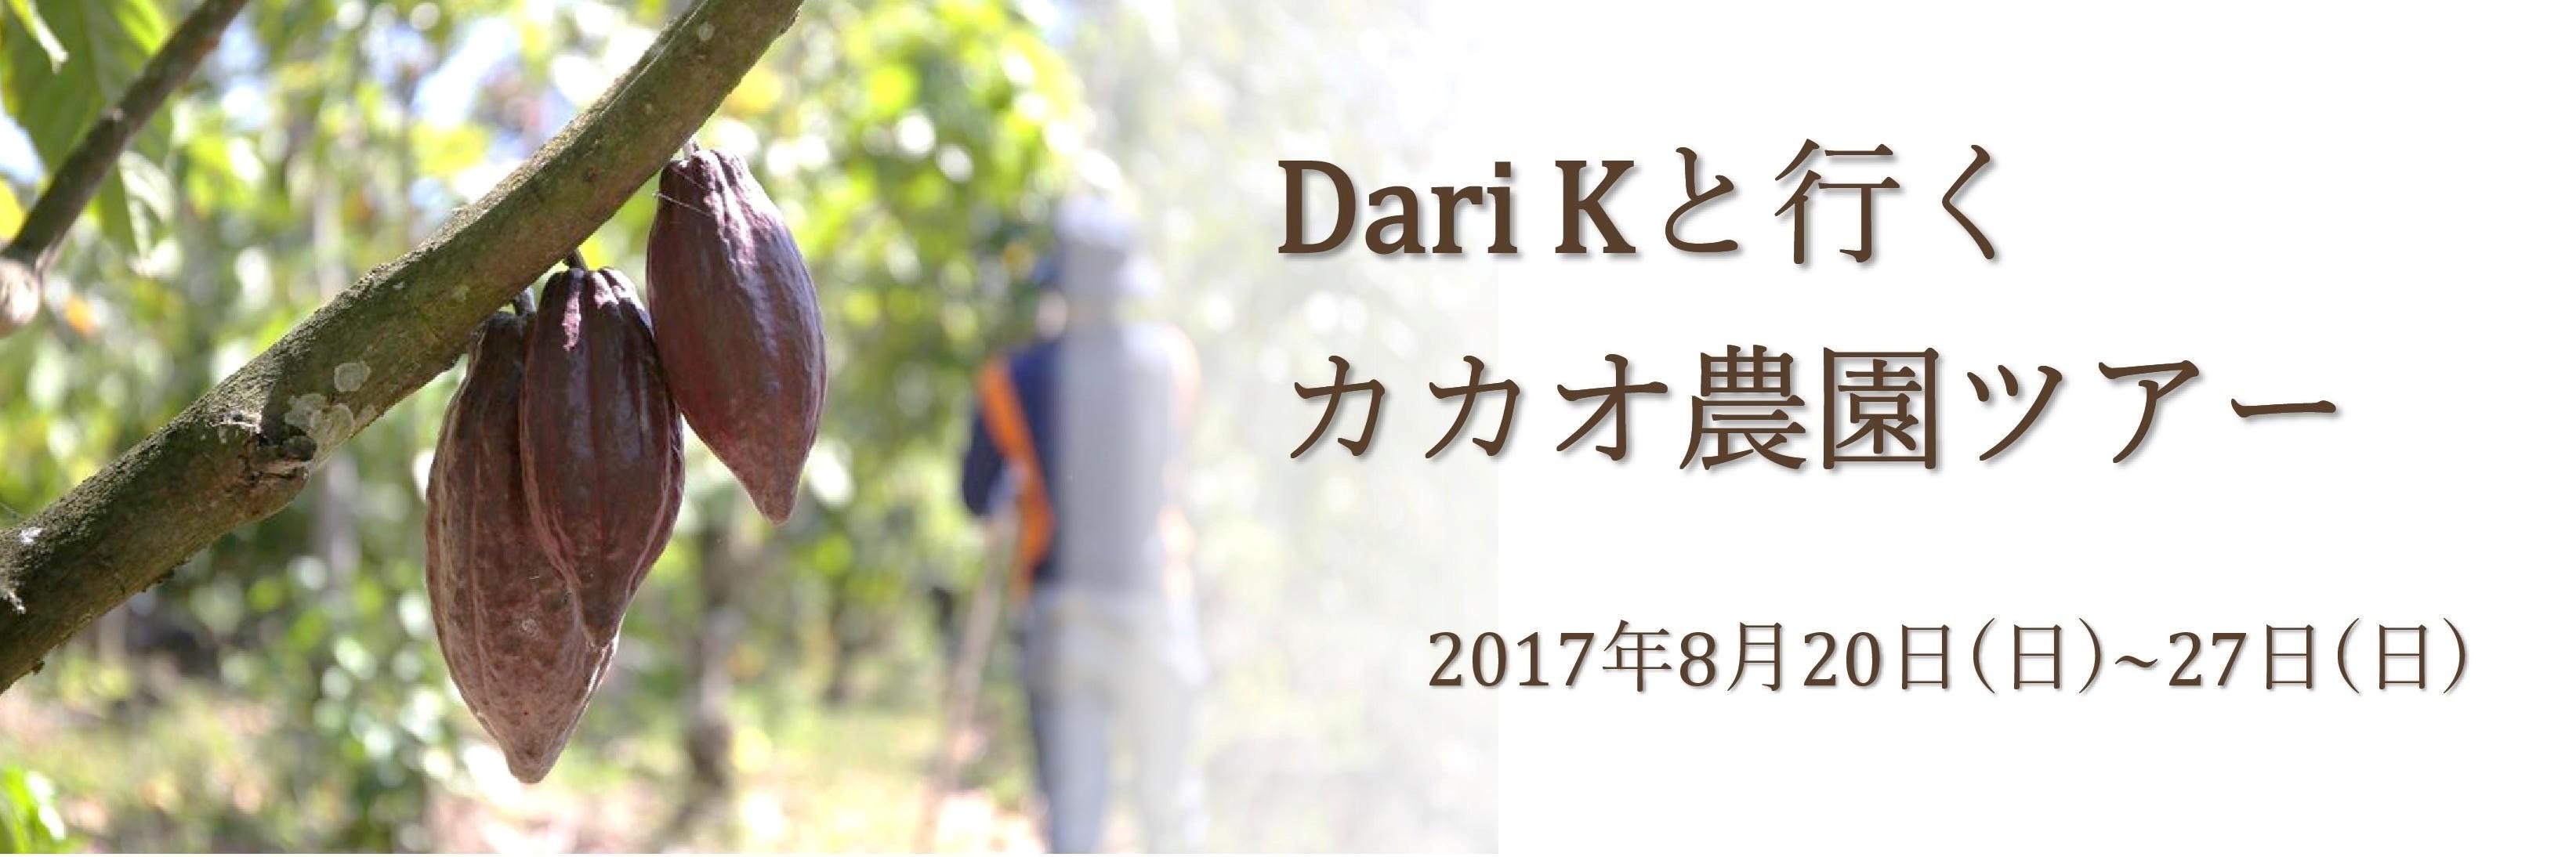 インドネシア カカオ農園ツアー 2017